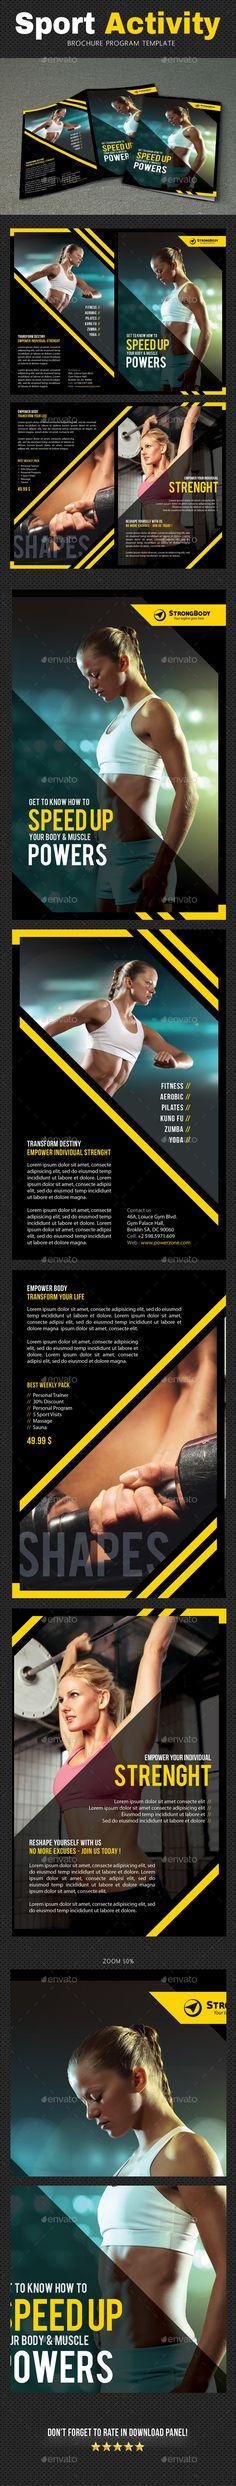 Sport Activity Brochure Template PSD